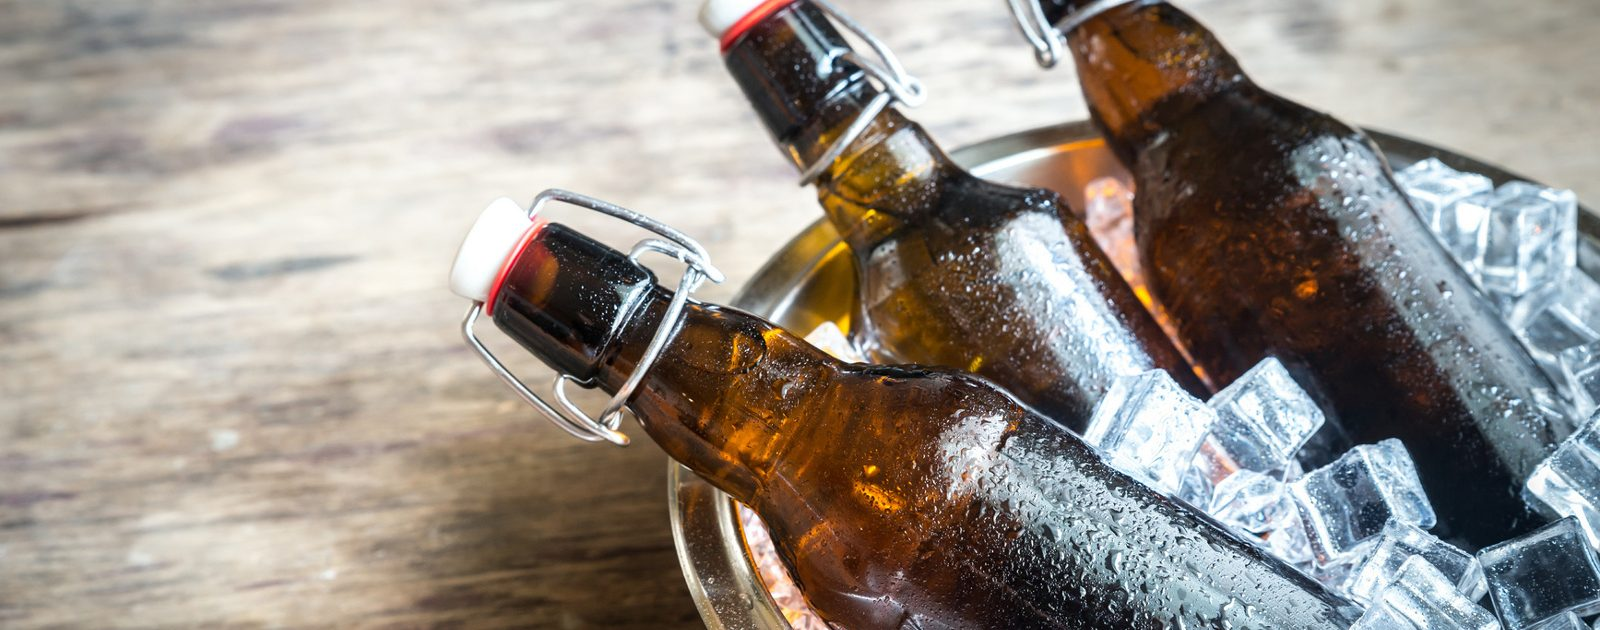 Alkohol ist prinzipiell ein Nervengift und stört die Regulierung des Wasserhaushalts